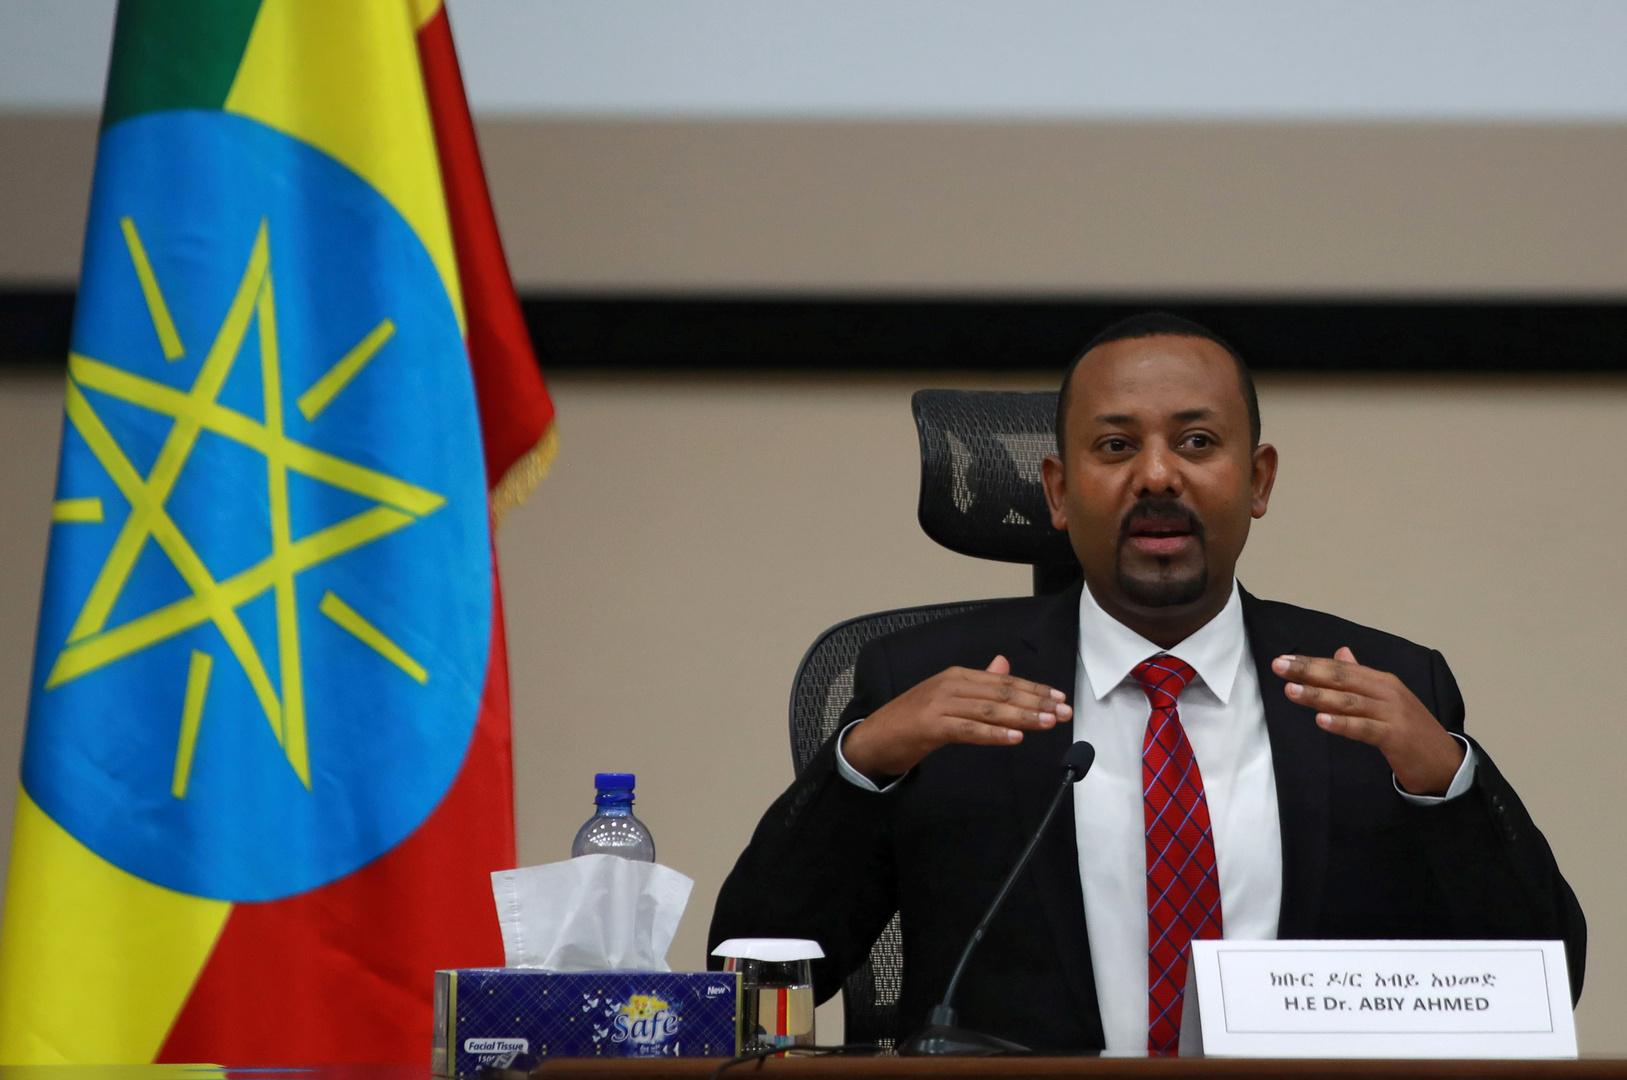 أبي أحمد: لا نية لدى إثيوبيا لإلحاق الضرر بدولتي المصب مصر والسودان